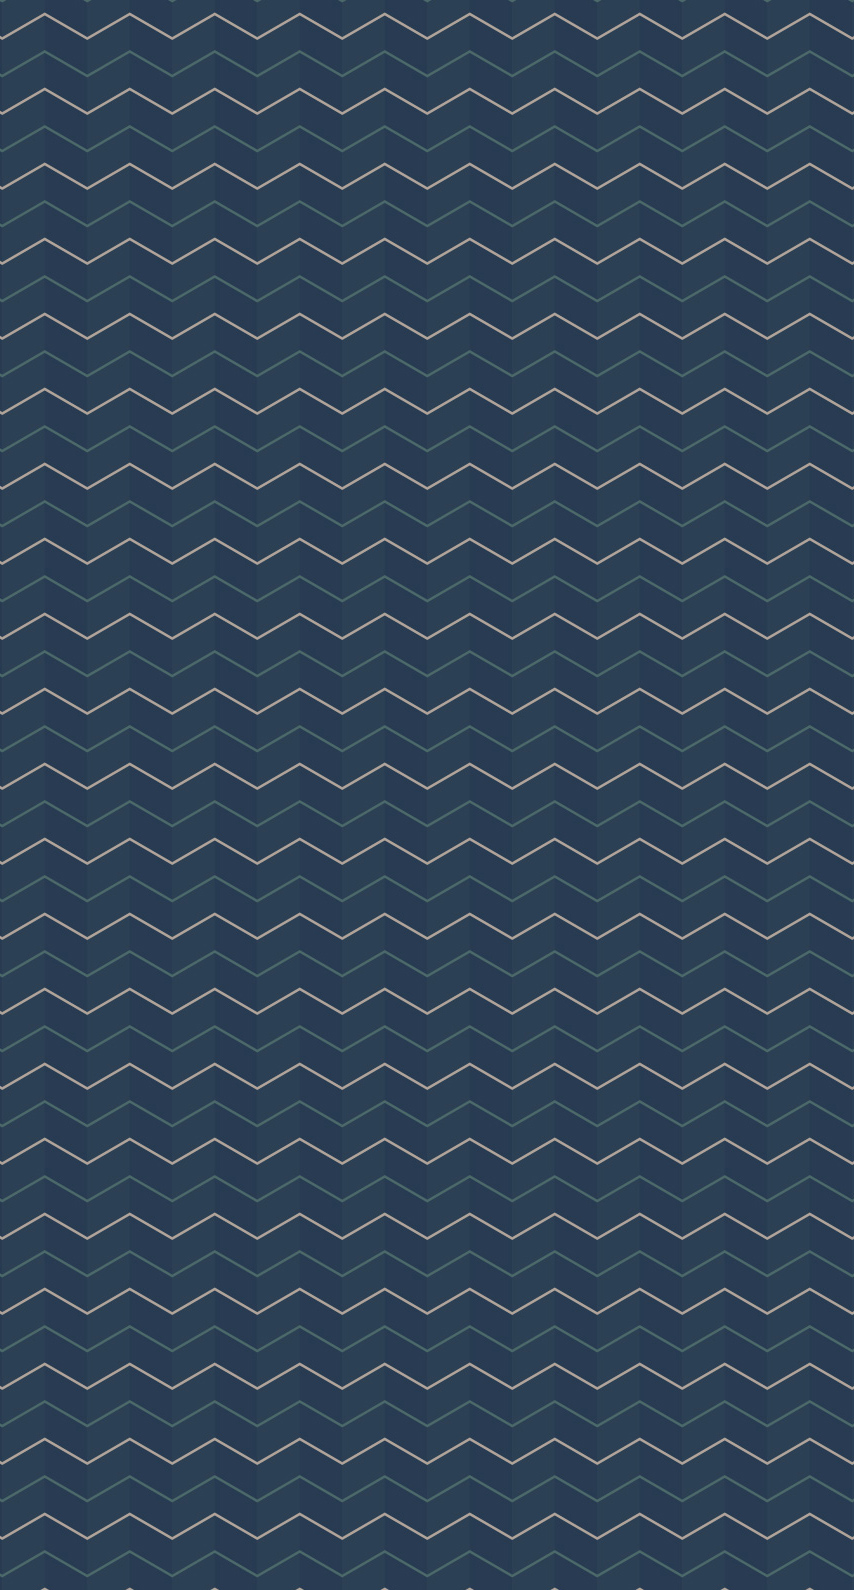 fabric, net